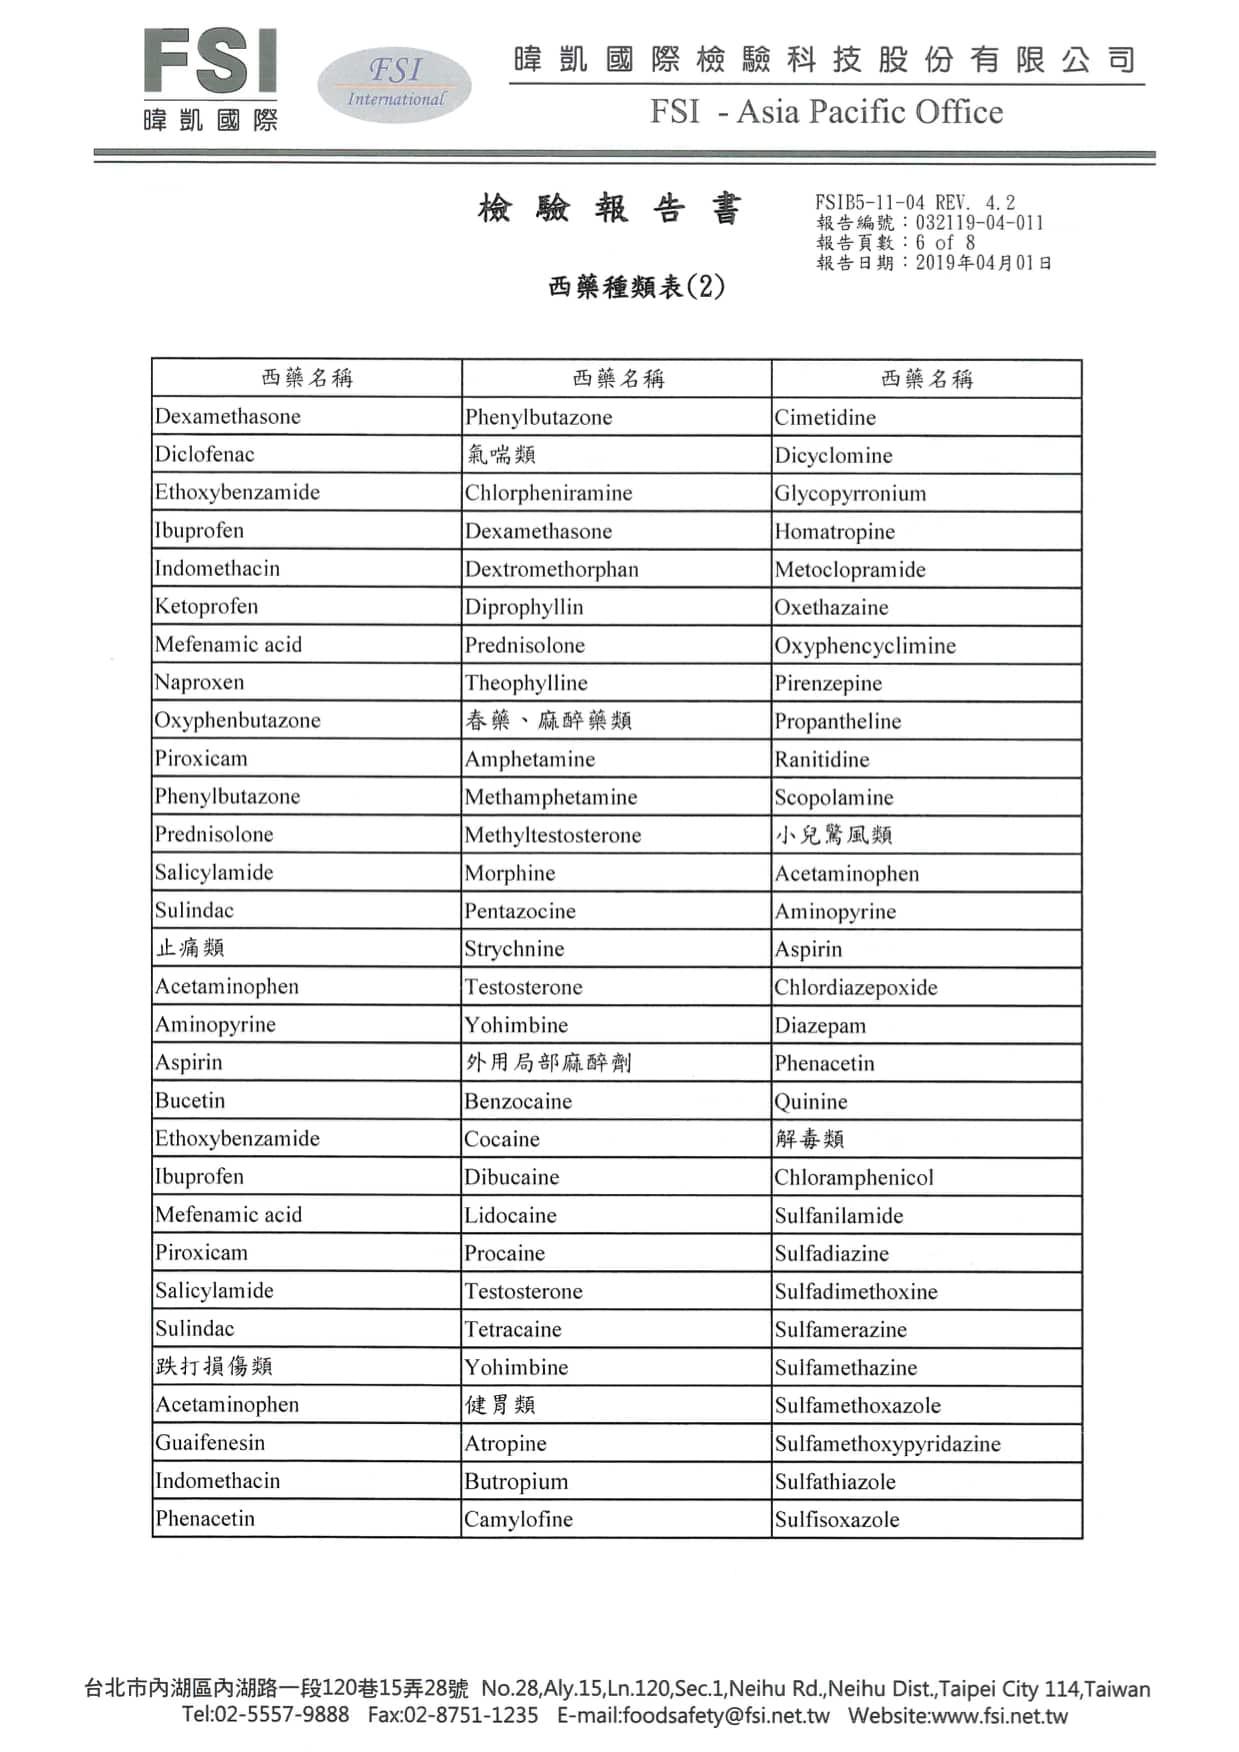 214項常見西藥成份分析-2